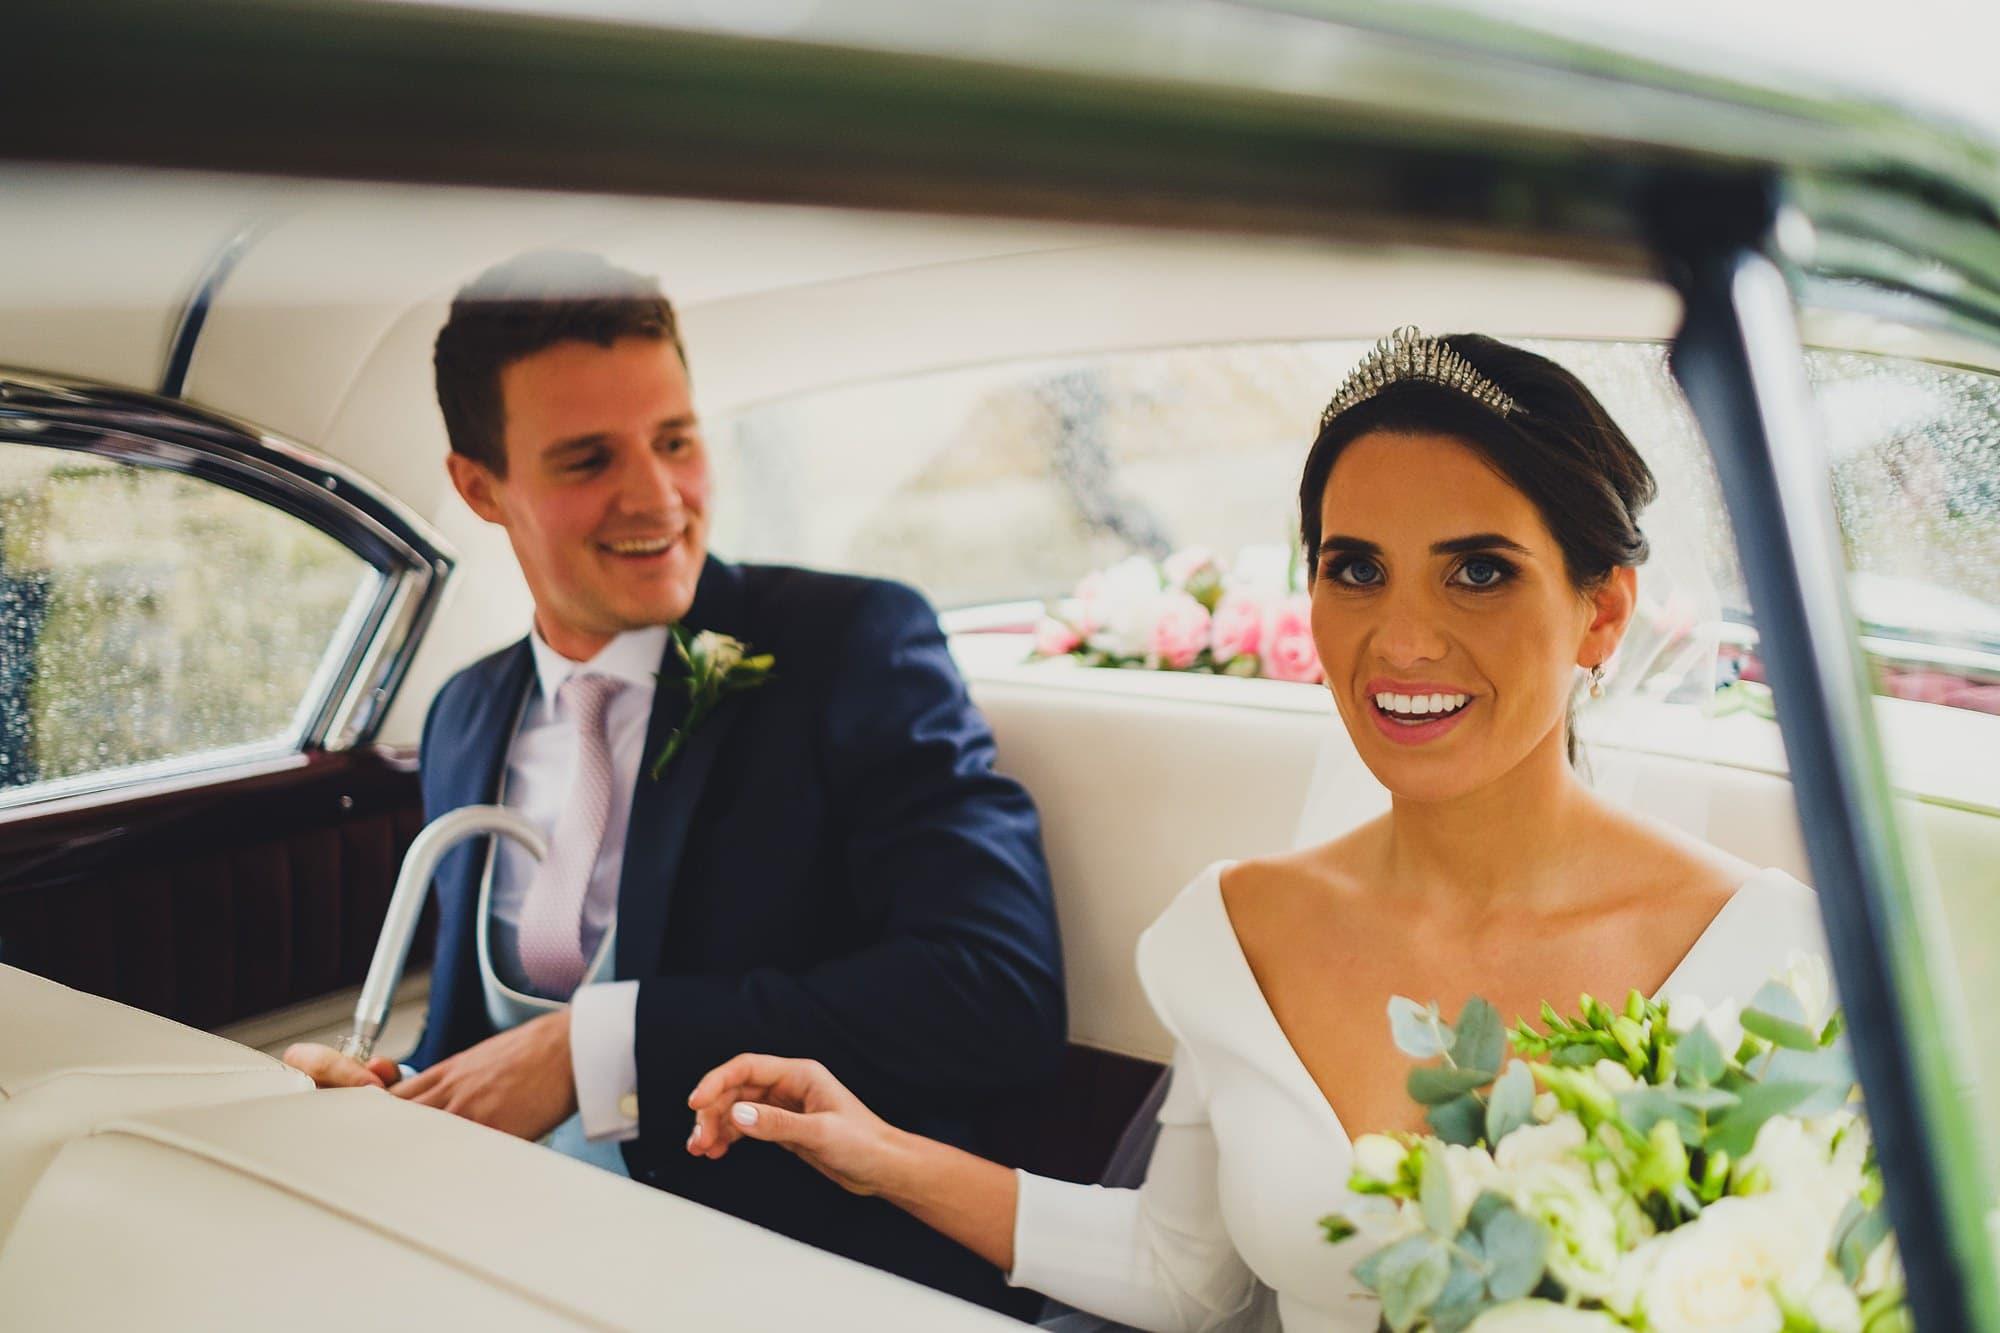 fulham palace wedding photographer ok 049 - Olivia + Kyle